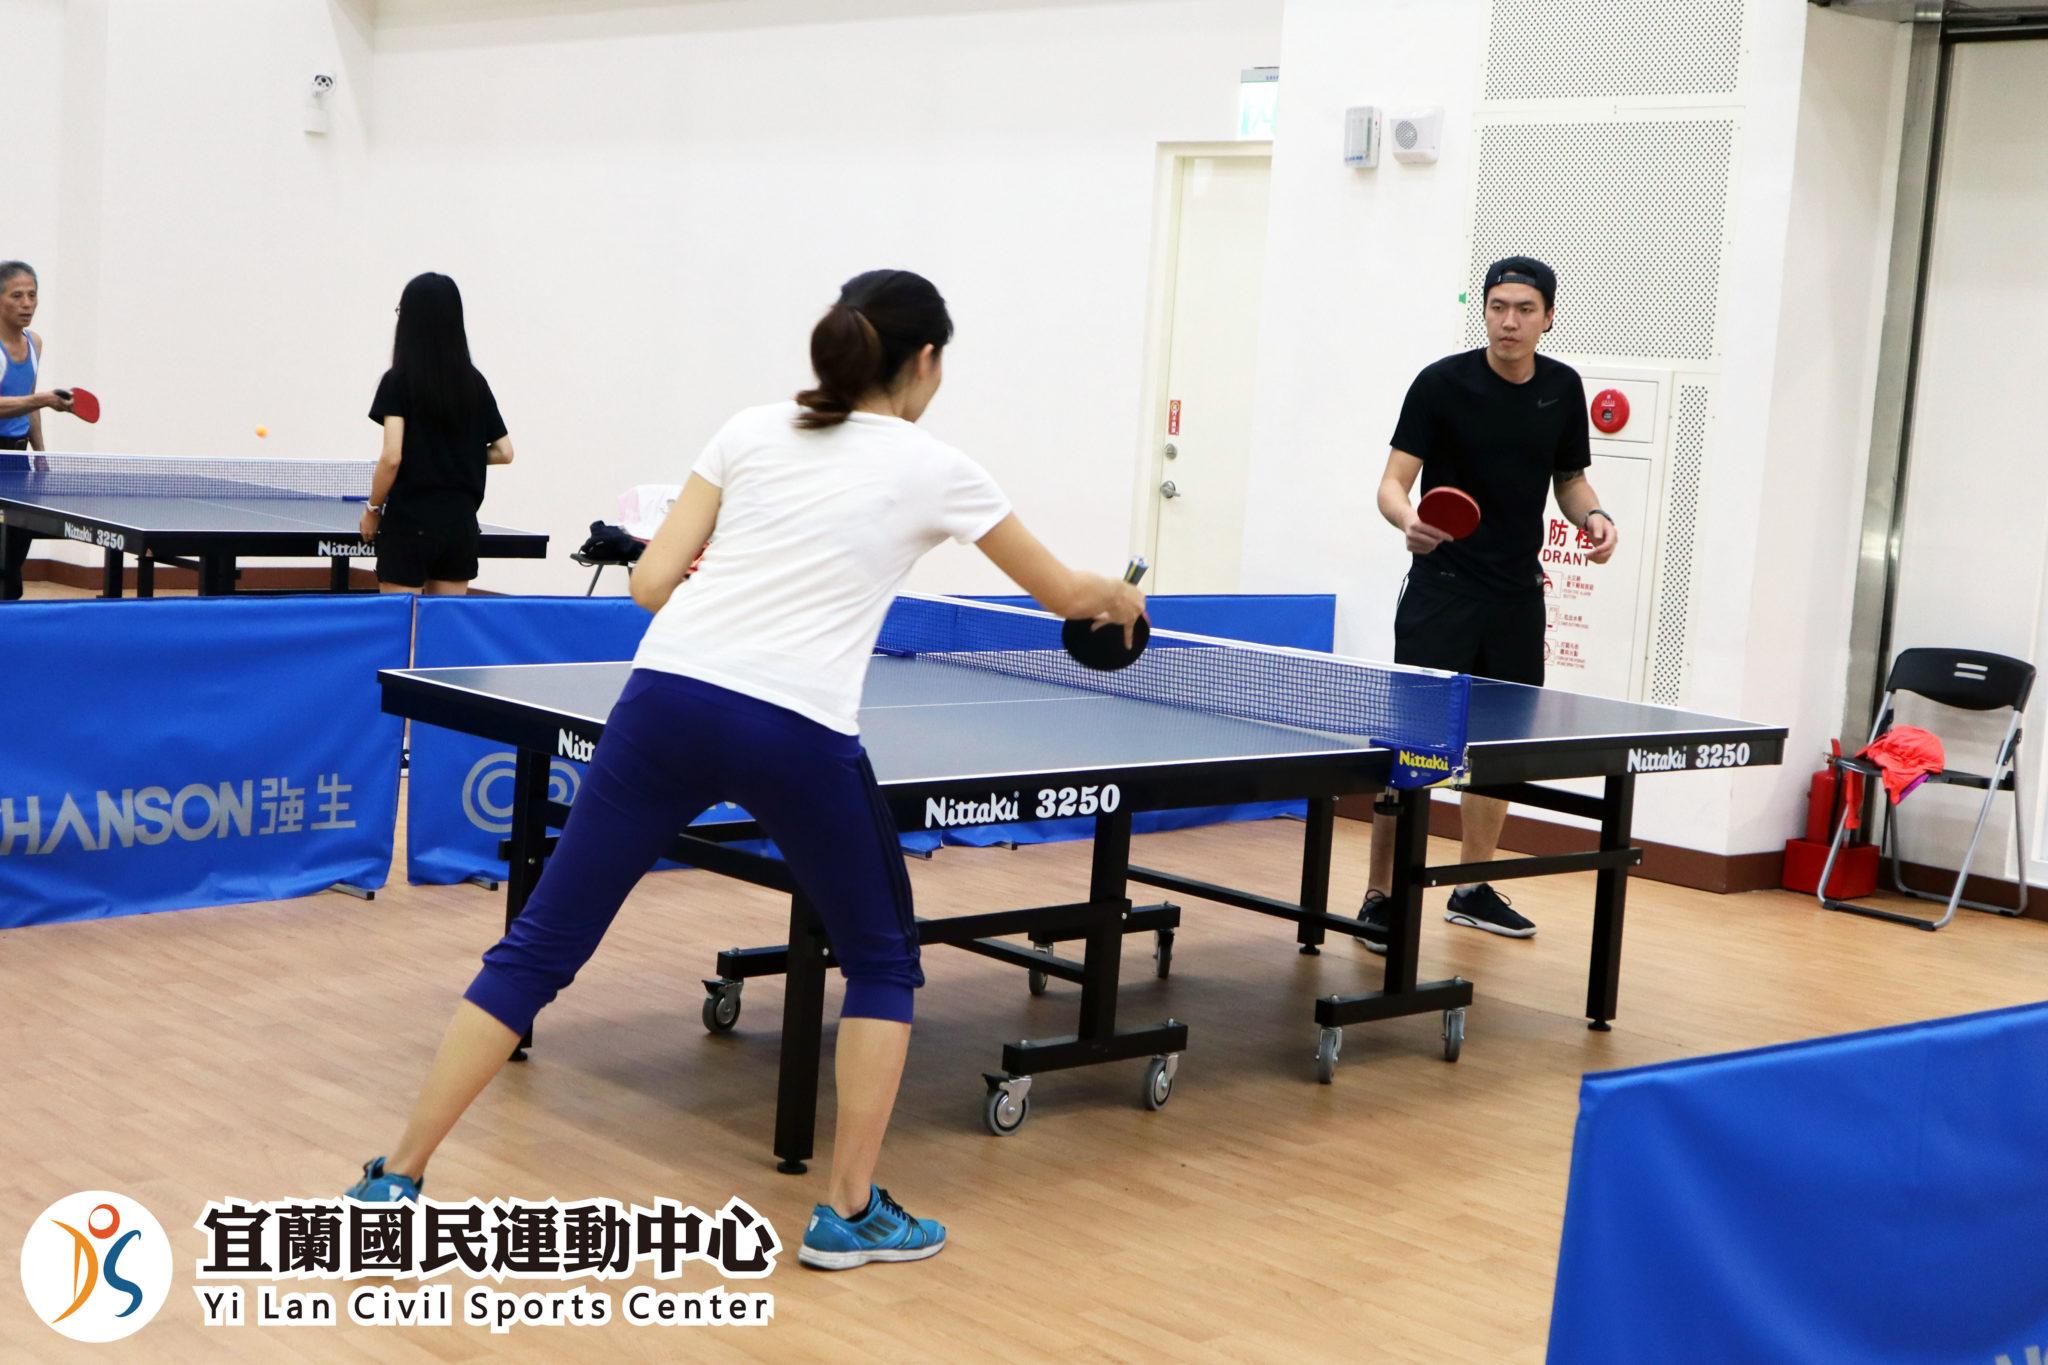 桌球練習教學(jpg)